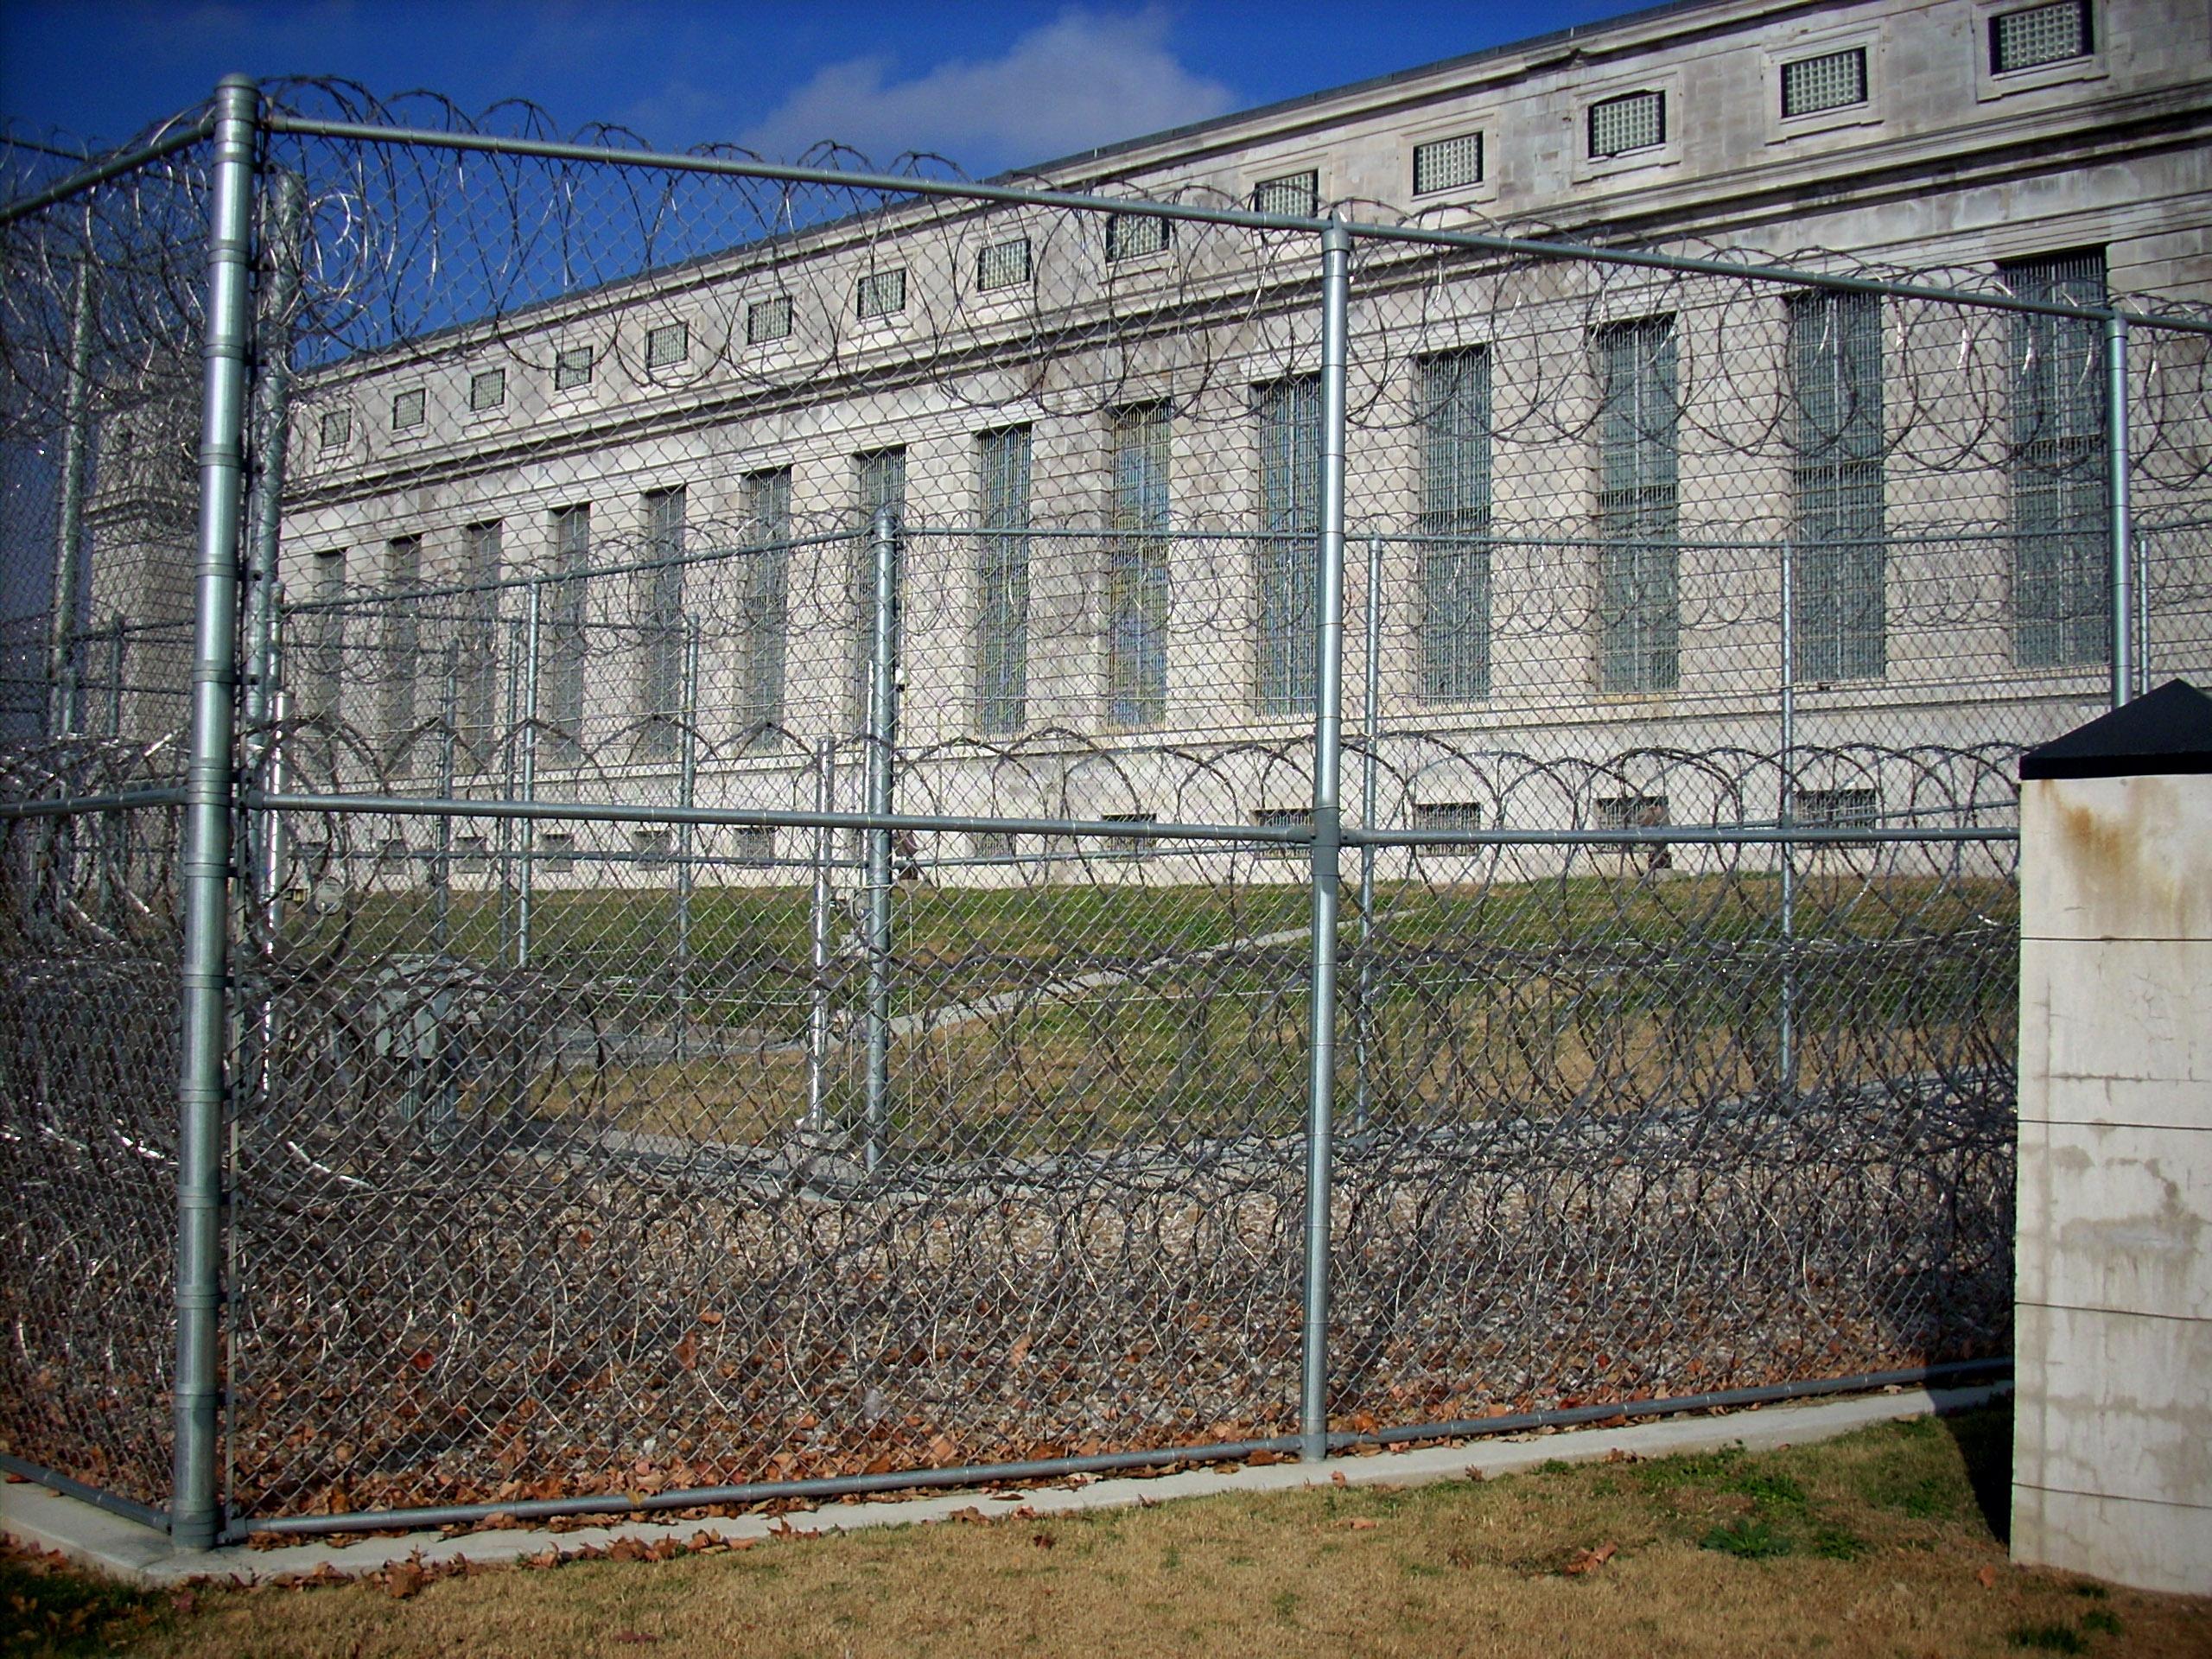 Kansas prisoners on hunger strike against CCA's inhumane